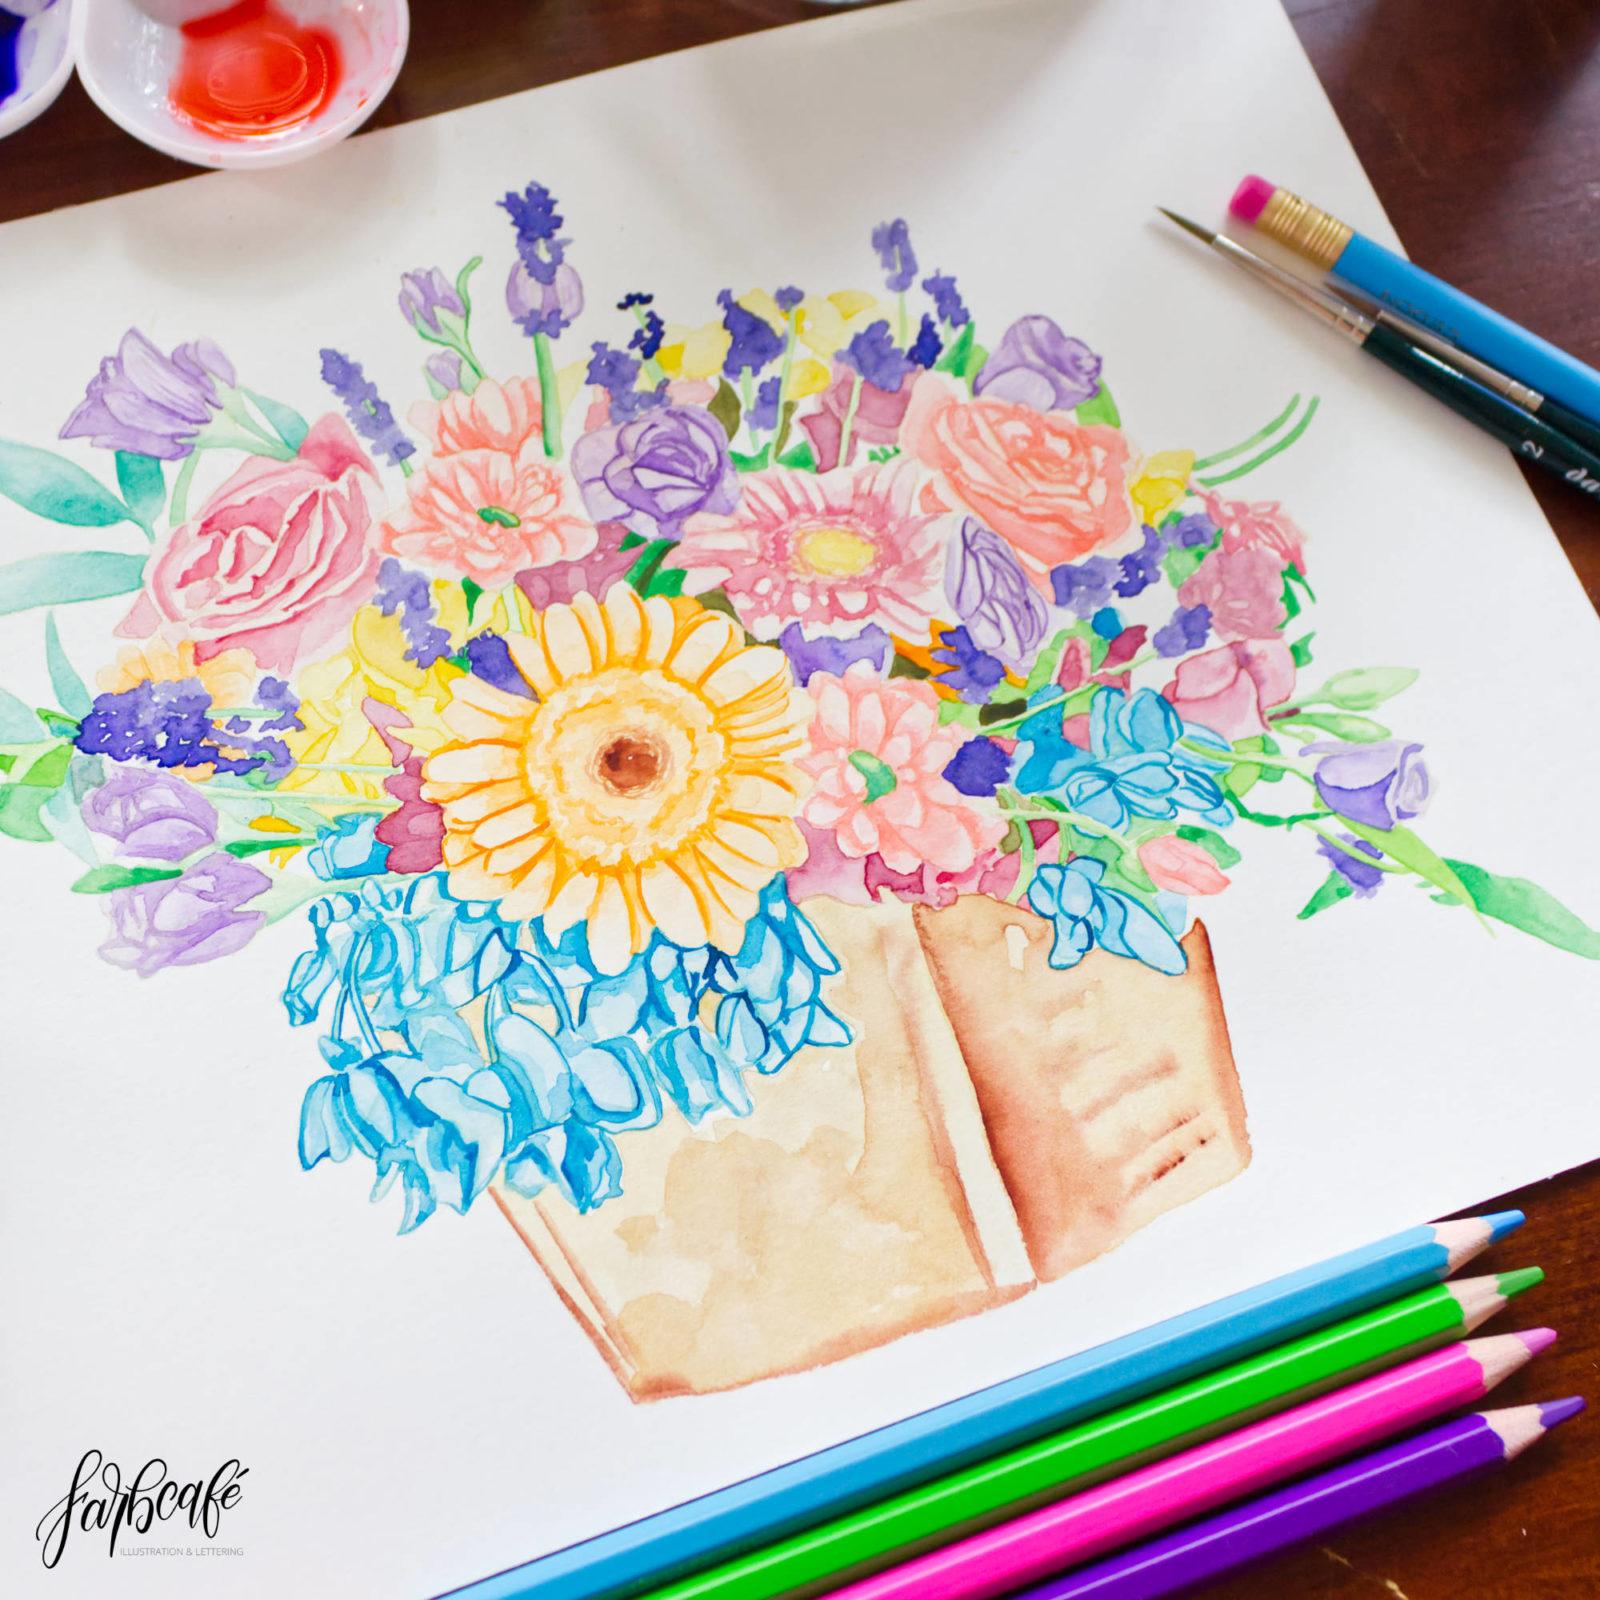 Aquarell Blumen, halbrealistisches Stillleben